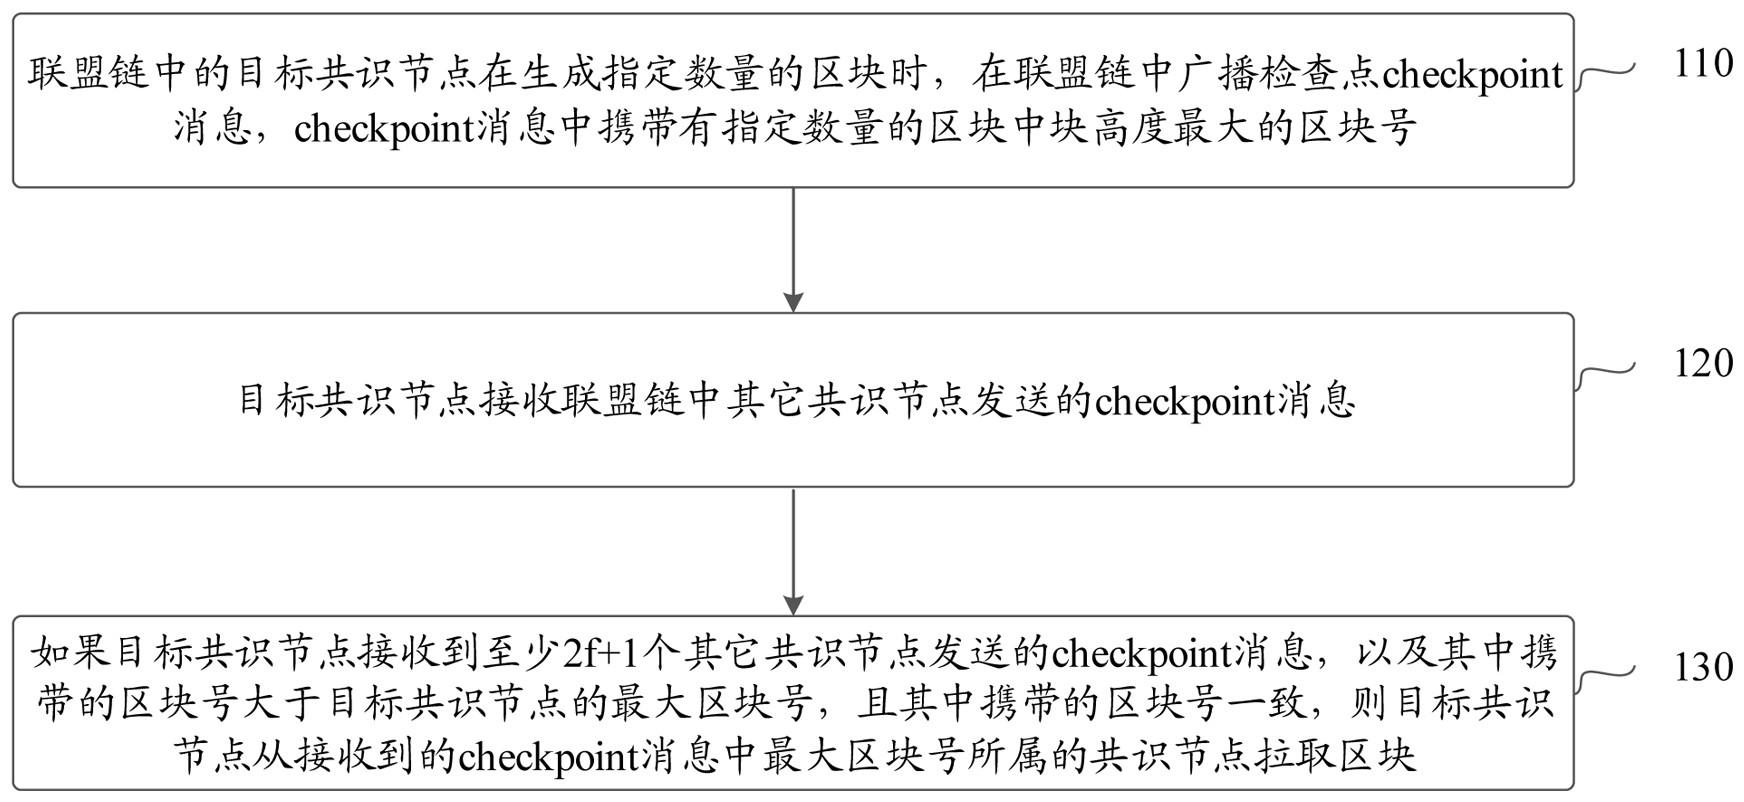 联盟链中的共识方法、共识节点和系统